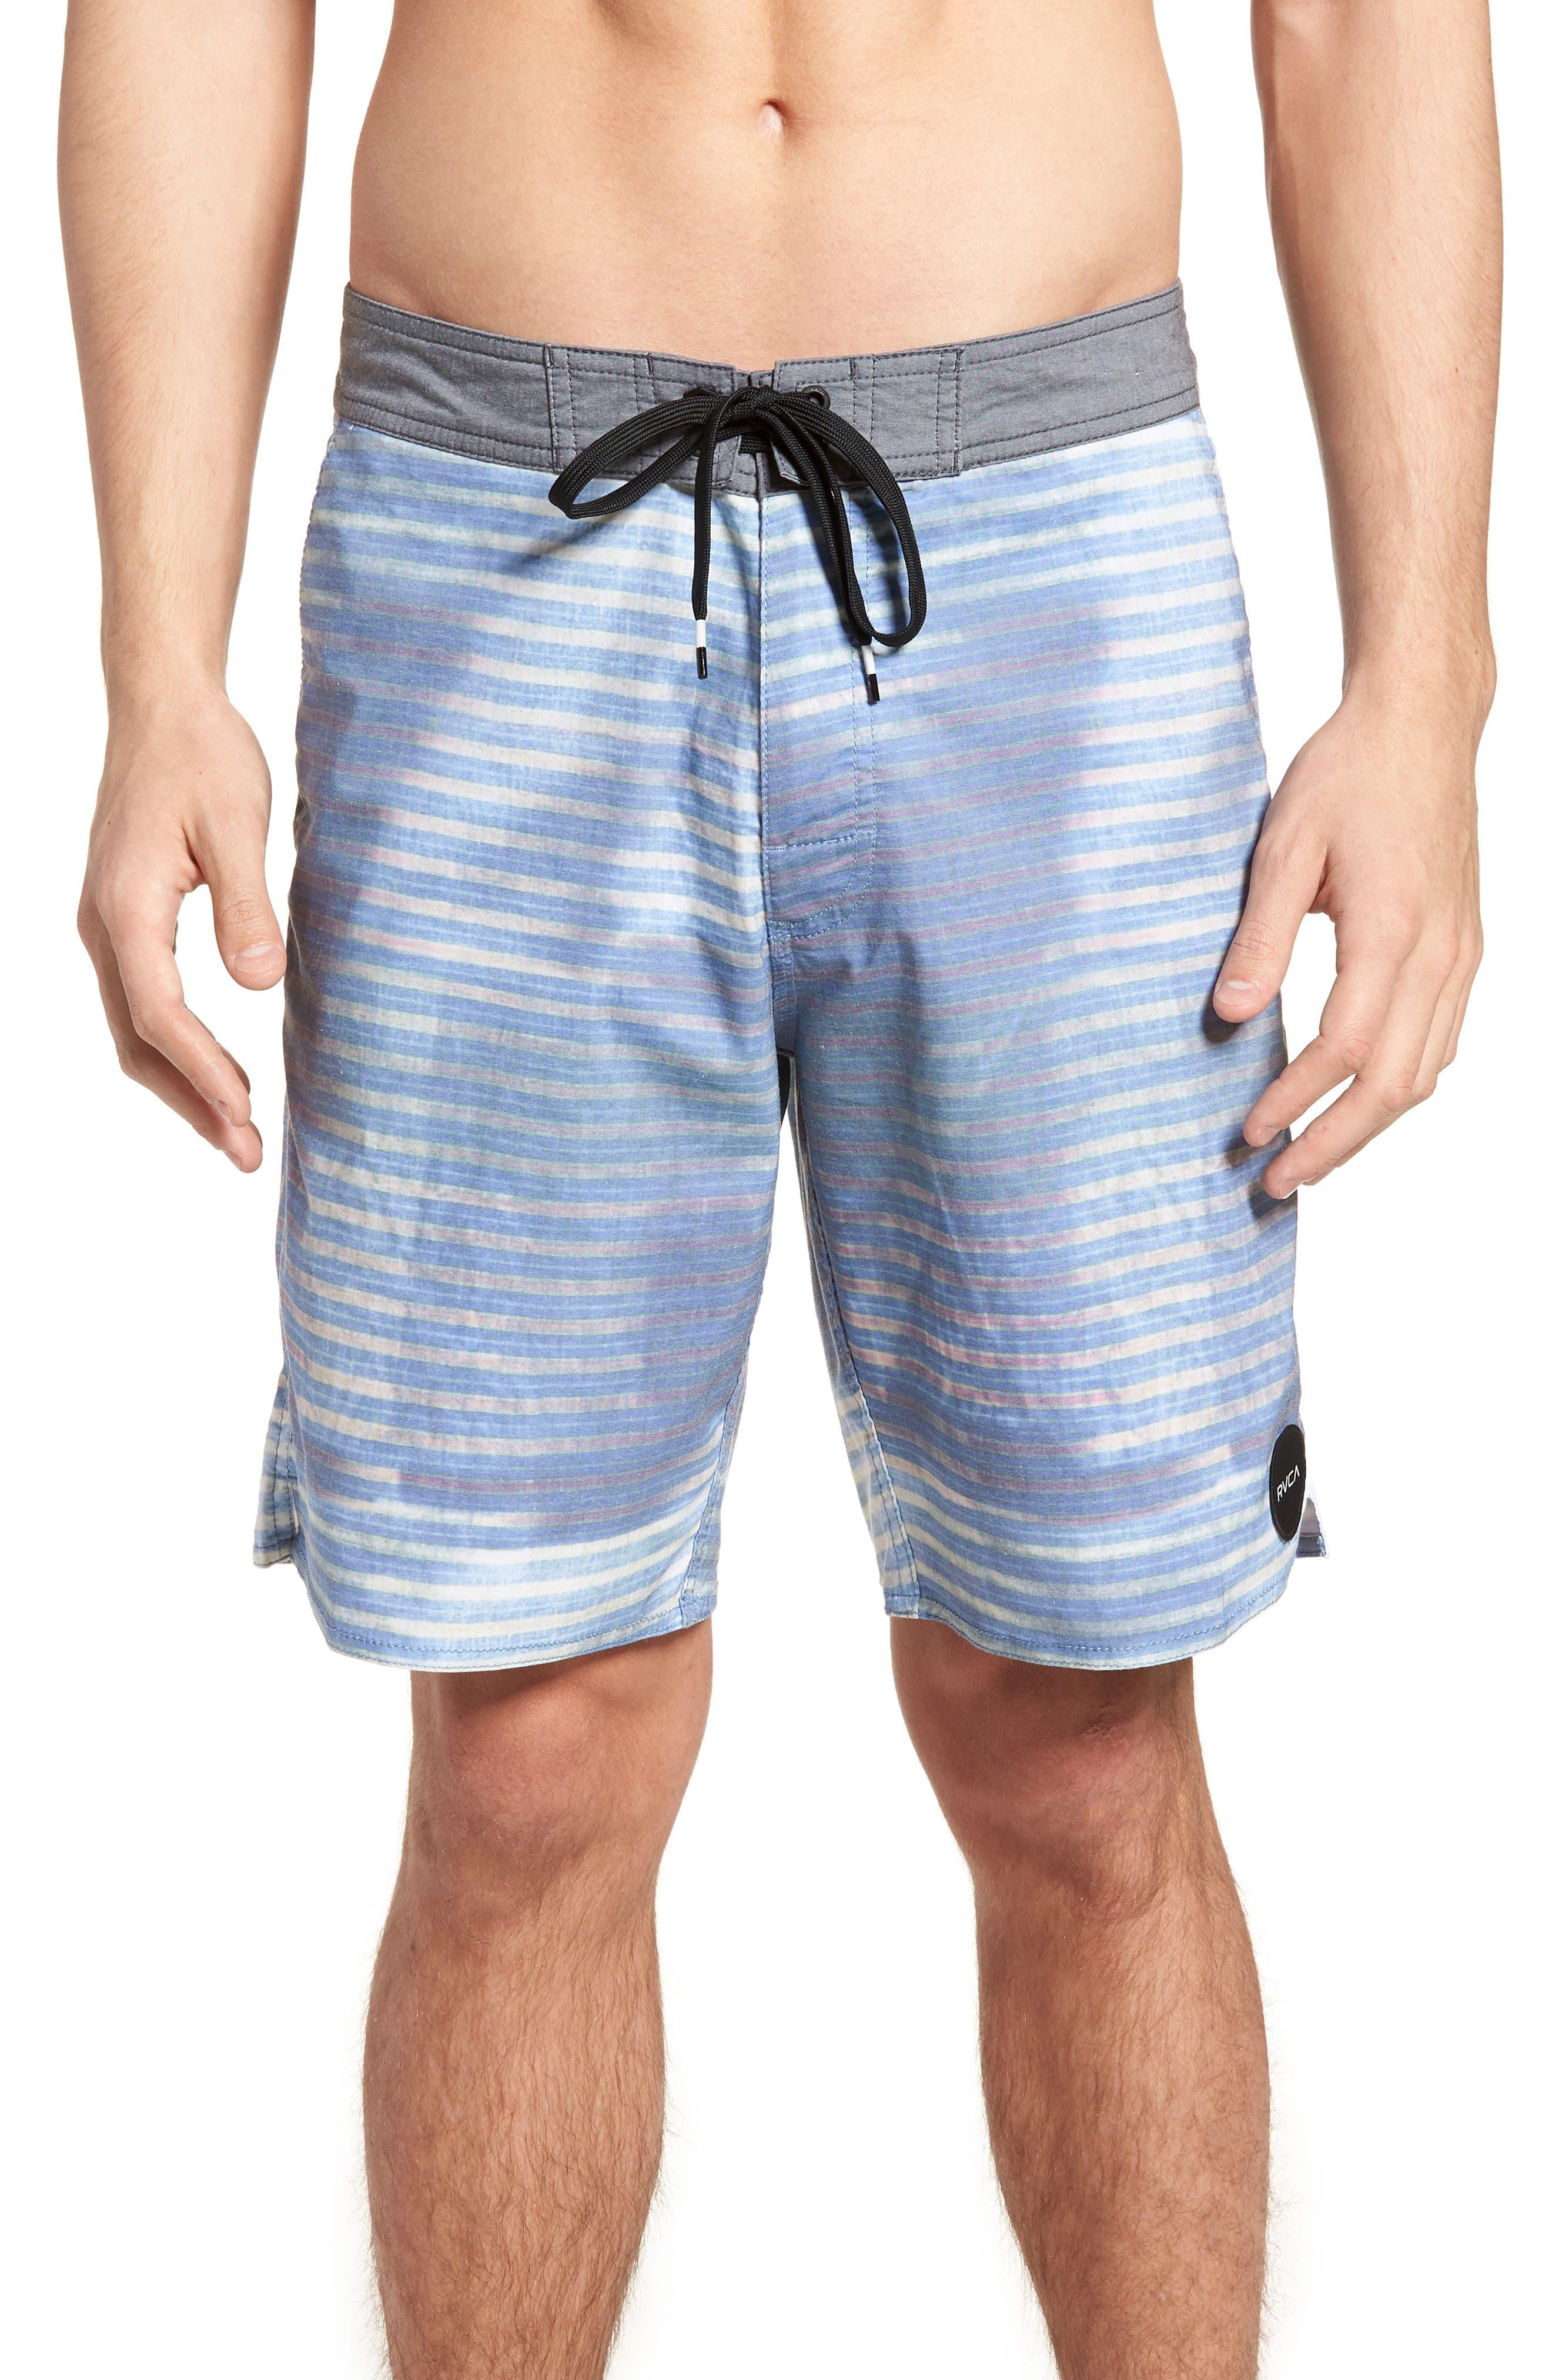 Boppa Stripe Swim Trunks,                             Main thumbnail 1, color,                             402